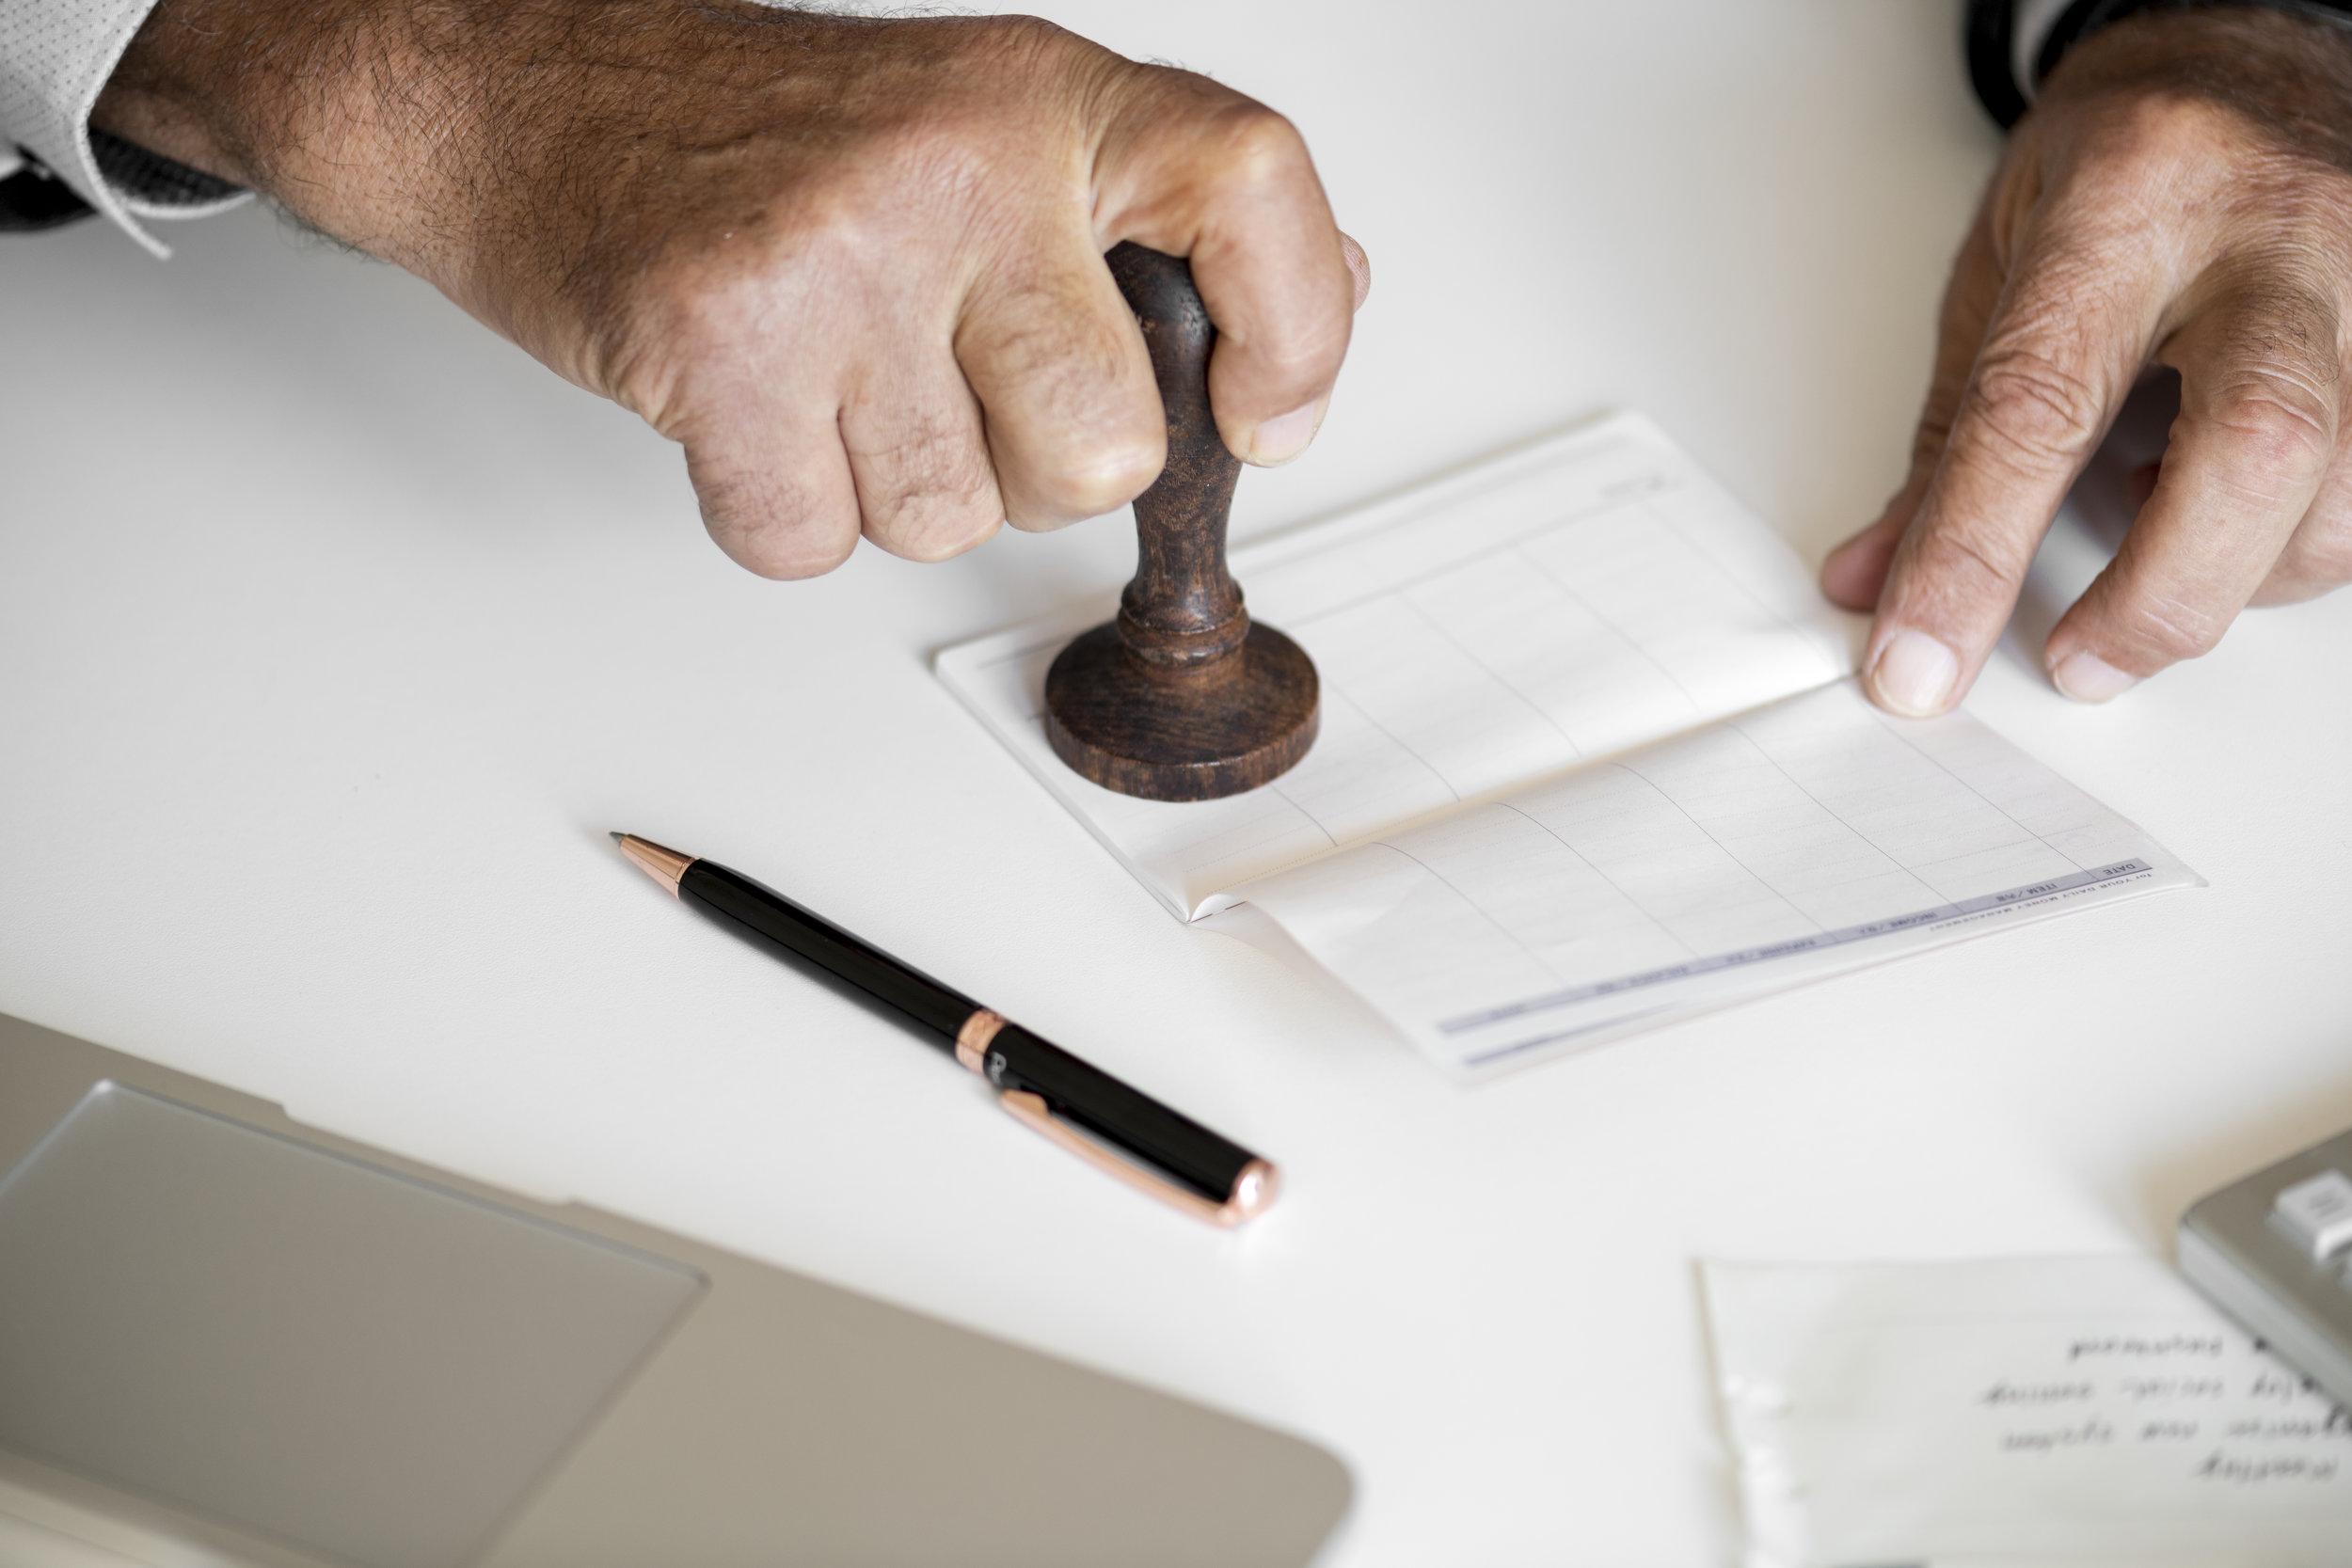 Bokslut - Exempel på bokslutstjänster:ÅrsredovisningEnkelt bokslutFullständigt bokslutBokslutstransaktionerPeriodiseringarAvskrivningarBokslutsdispositionerDelårsbokslut och rapporterKommunikation med revisor